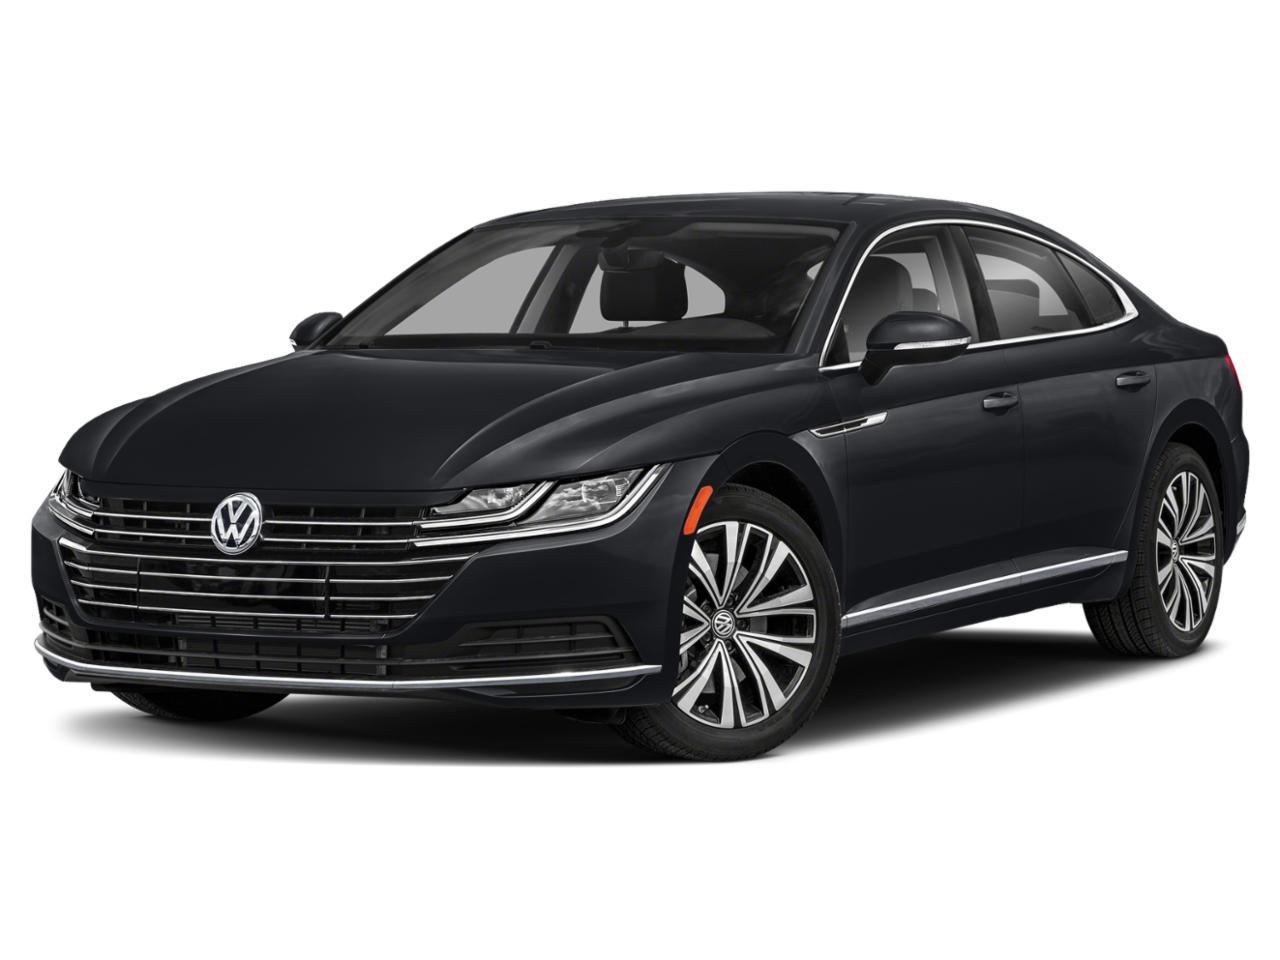 2020 Volkswagen Arteon Vehicle Photo in San Antonio, TX 78257